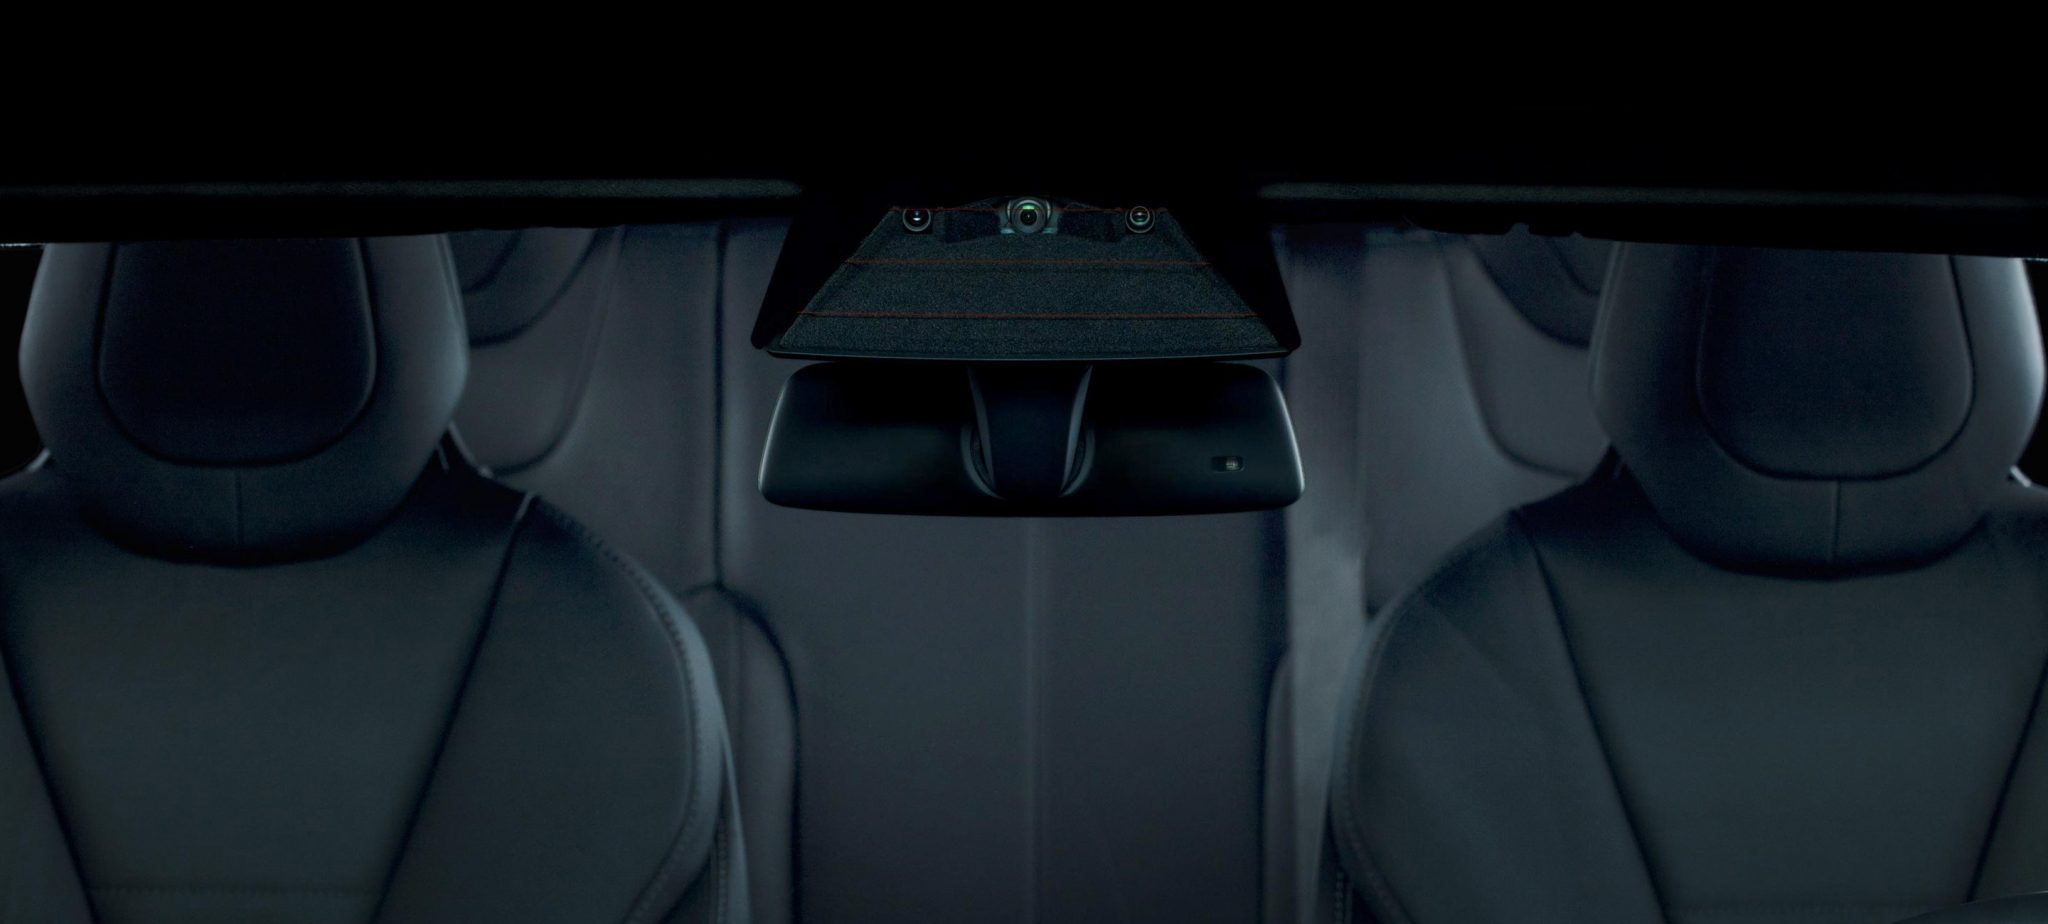 Autonoom rijden gaat niet werken - Tesla Autopilot camera